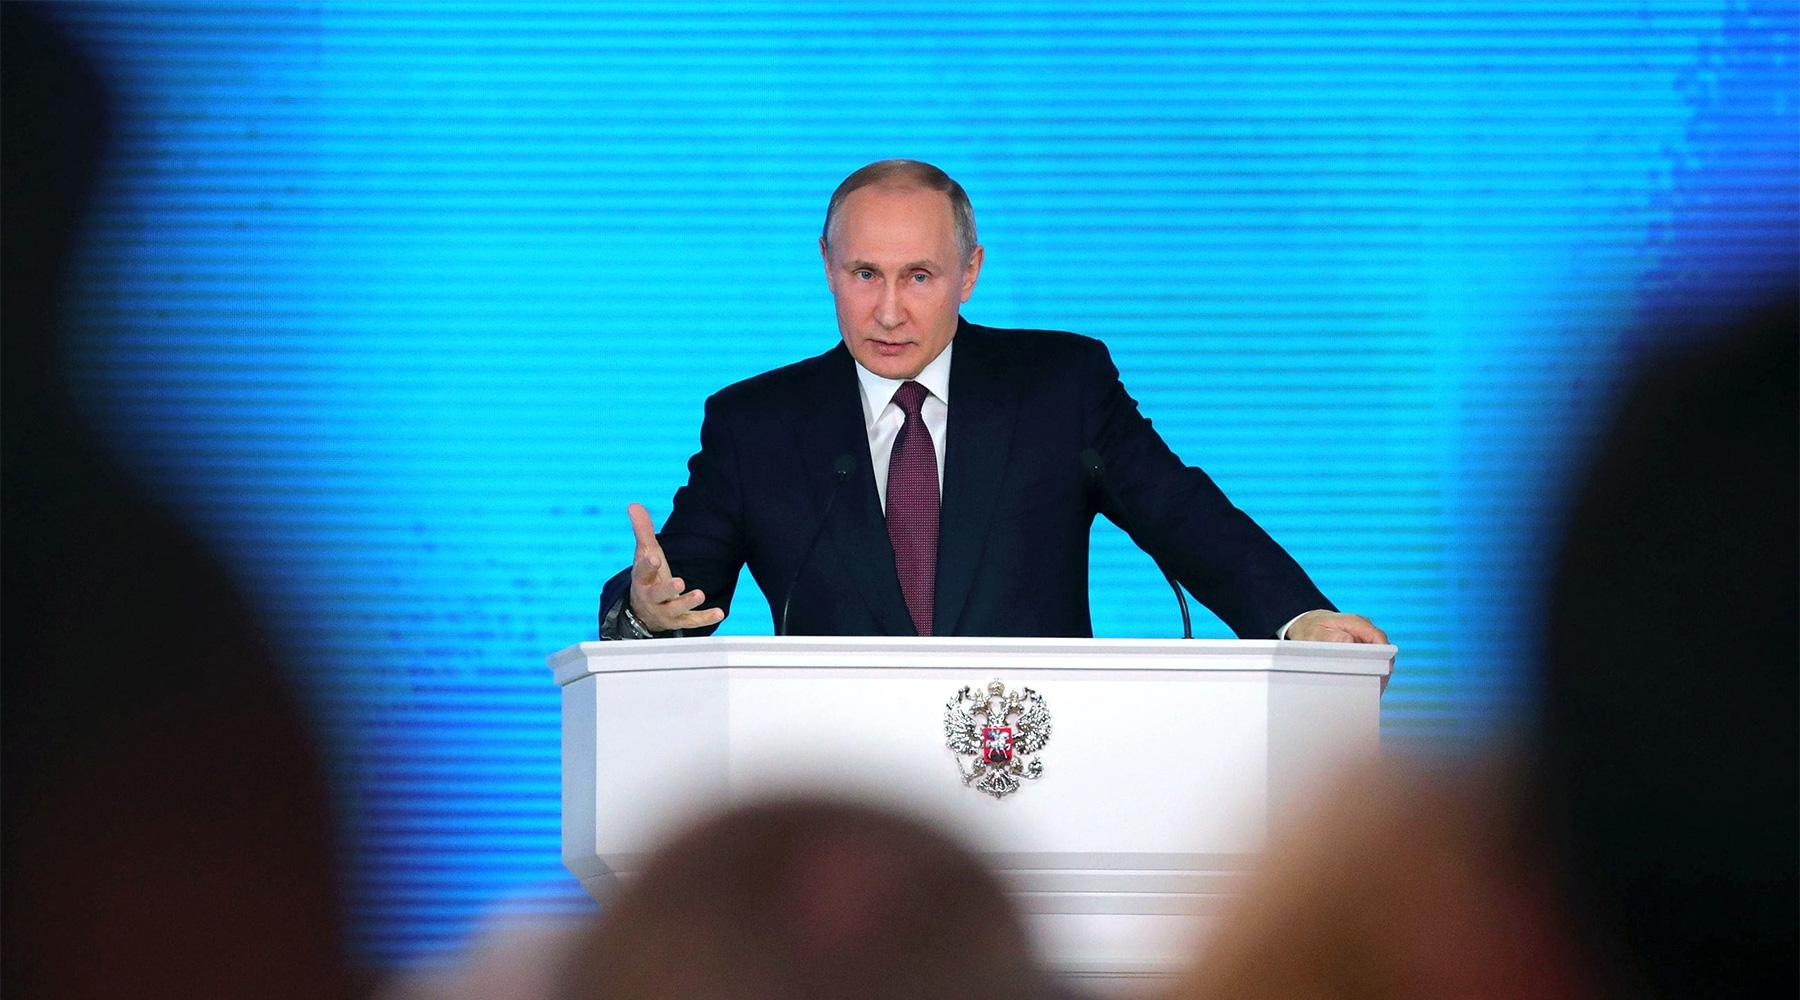 Путин предложил повысить выплаты для семей с детьми до 2 прожиточных минимумов